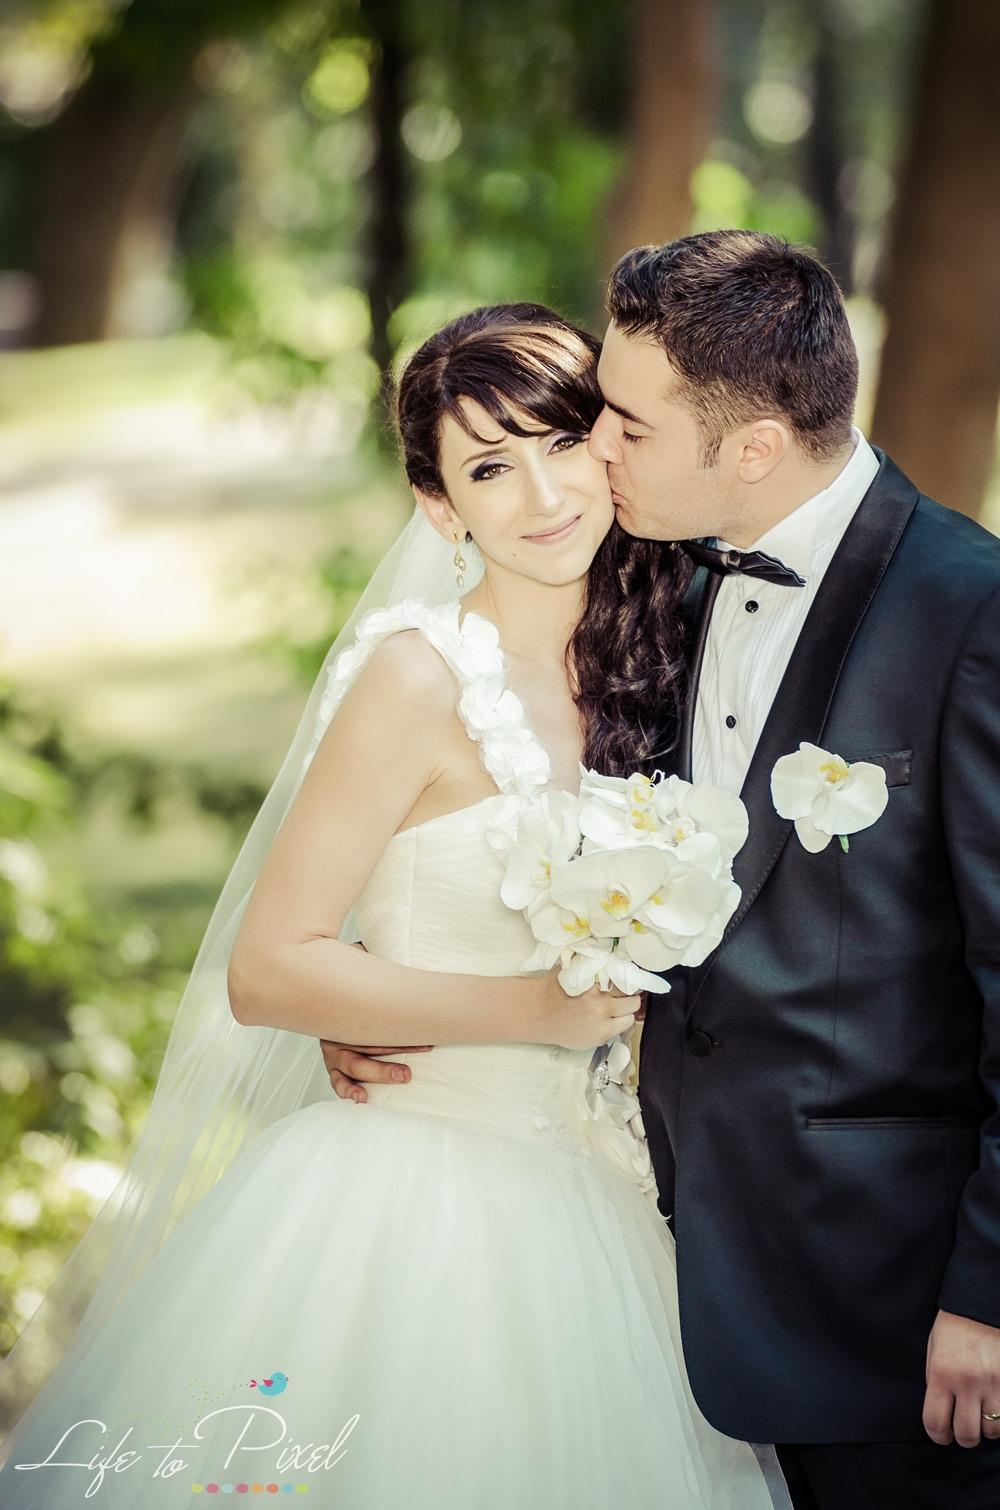 fotografie-de-nunta-codruta-si-stefan-20